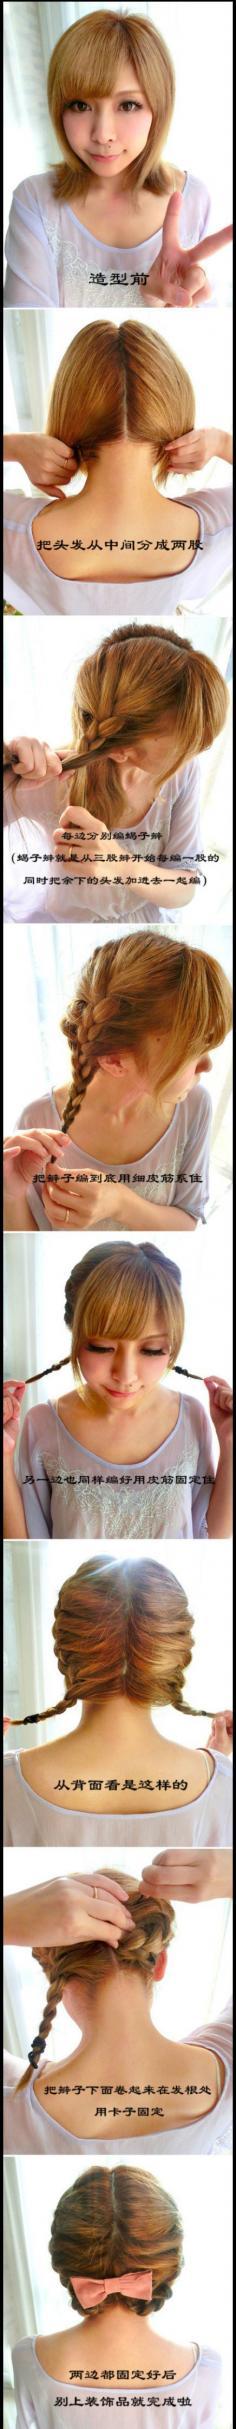 【发型教程】不论你是长发还是短发,都可以编这样的发型哦!很淑